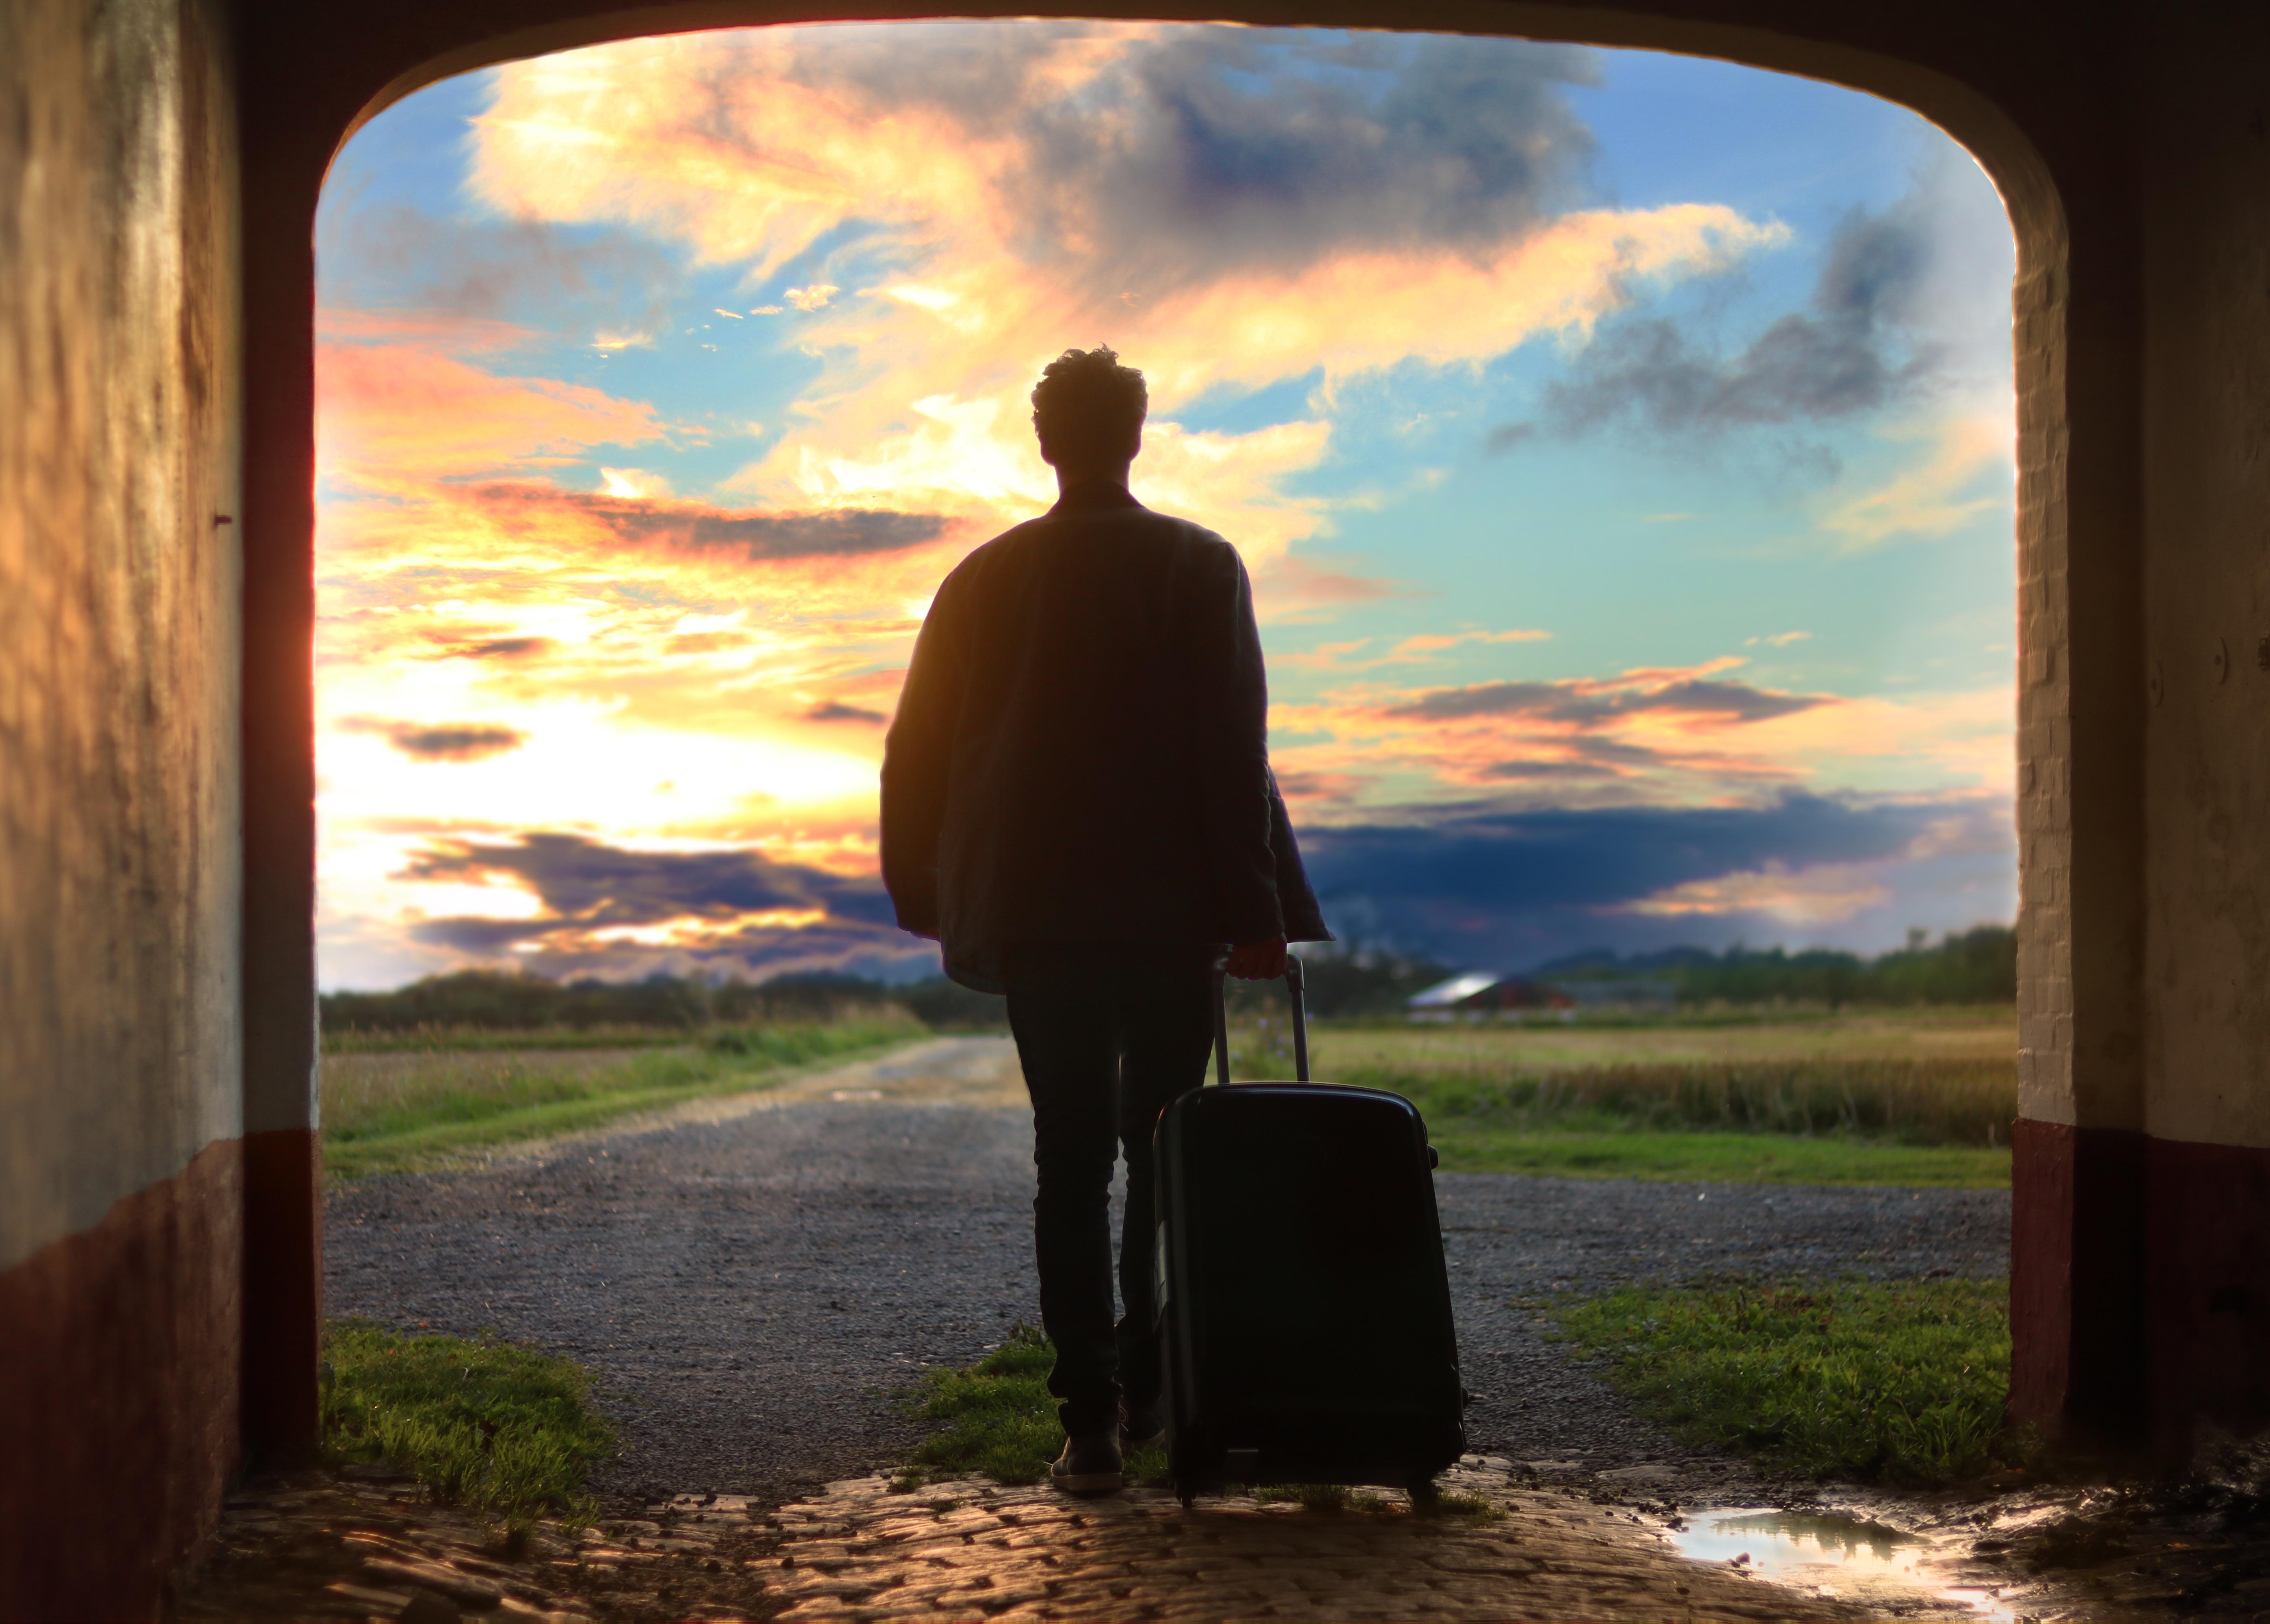 Картинка человек в пути